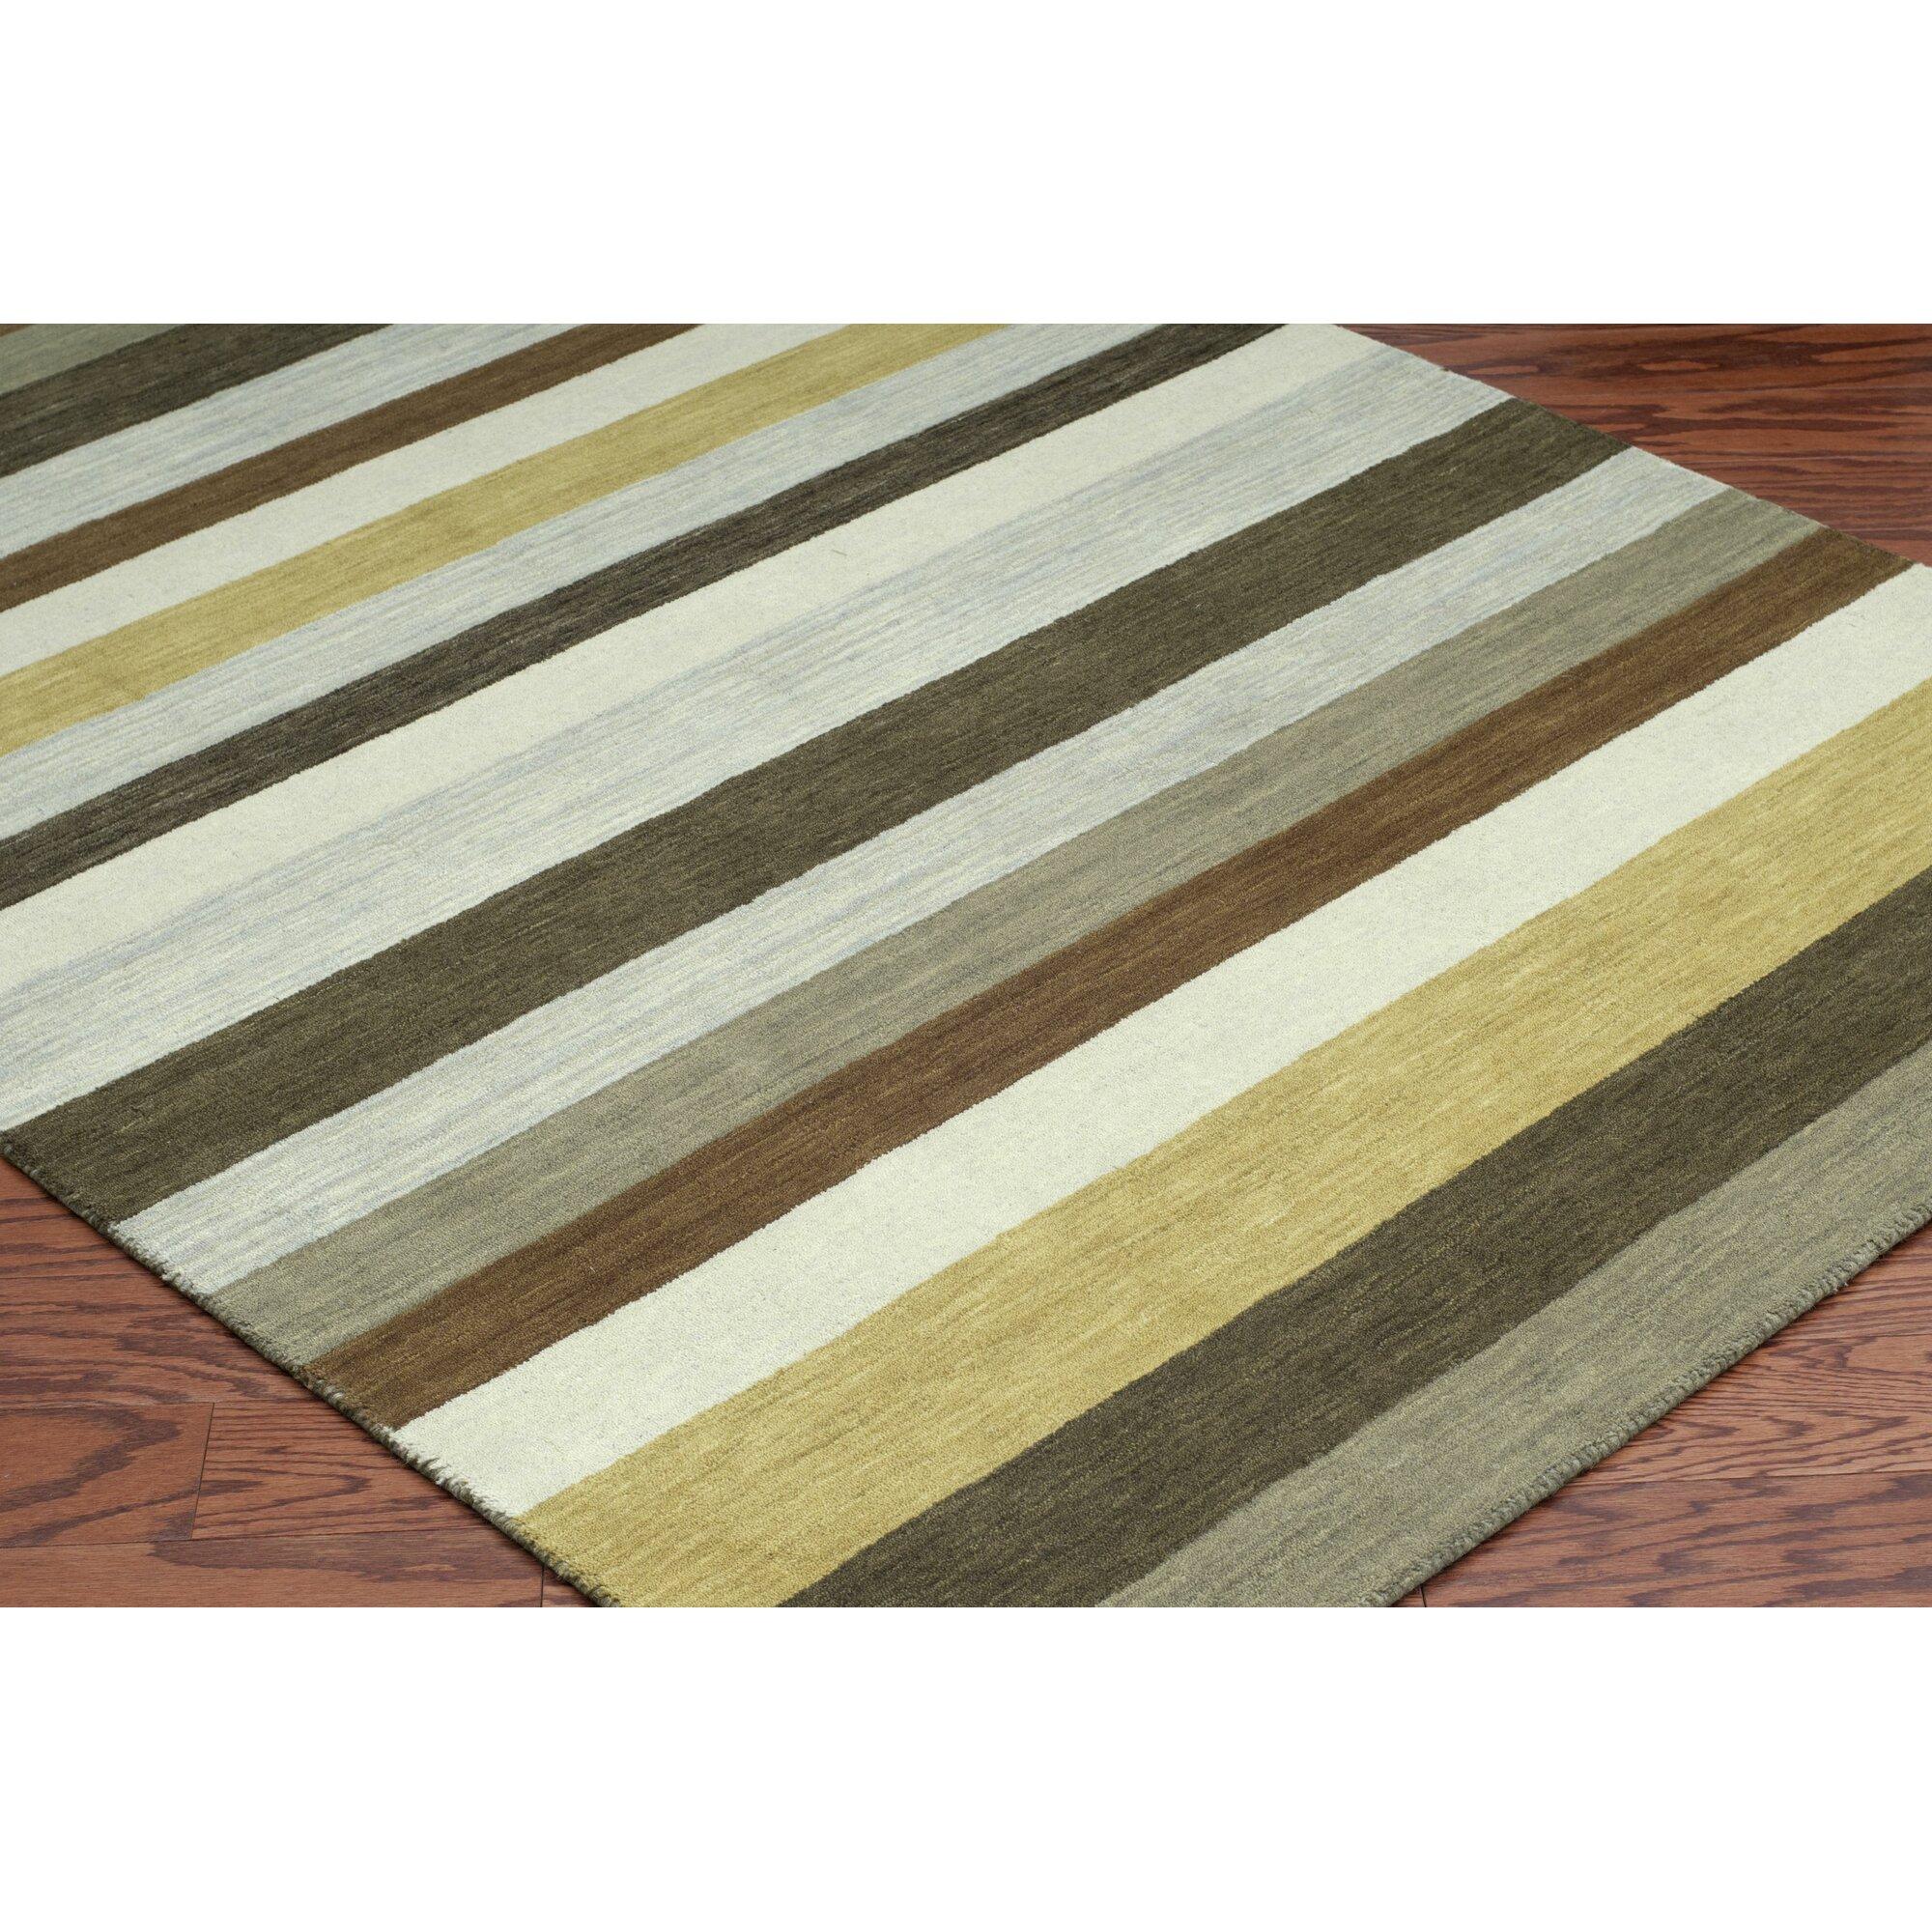 The conestoga trading co handmade area rug reviews for Custom made area rugs